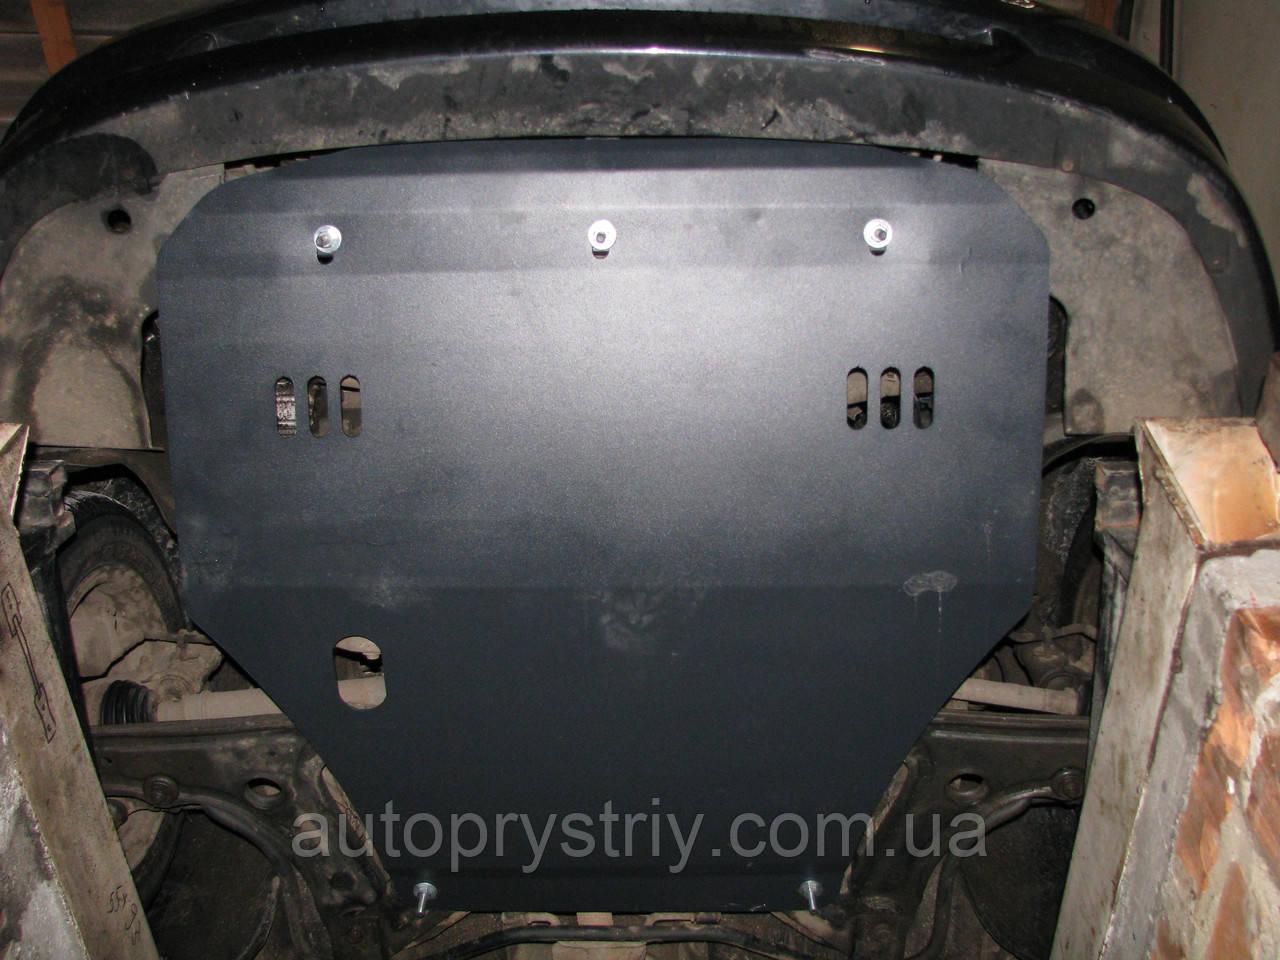 Захист двигуна і КПП Chery Amulet (A15) (2003-2010) 1.6 механіка